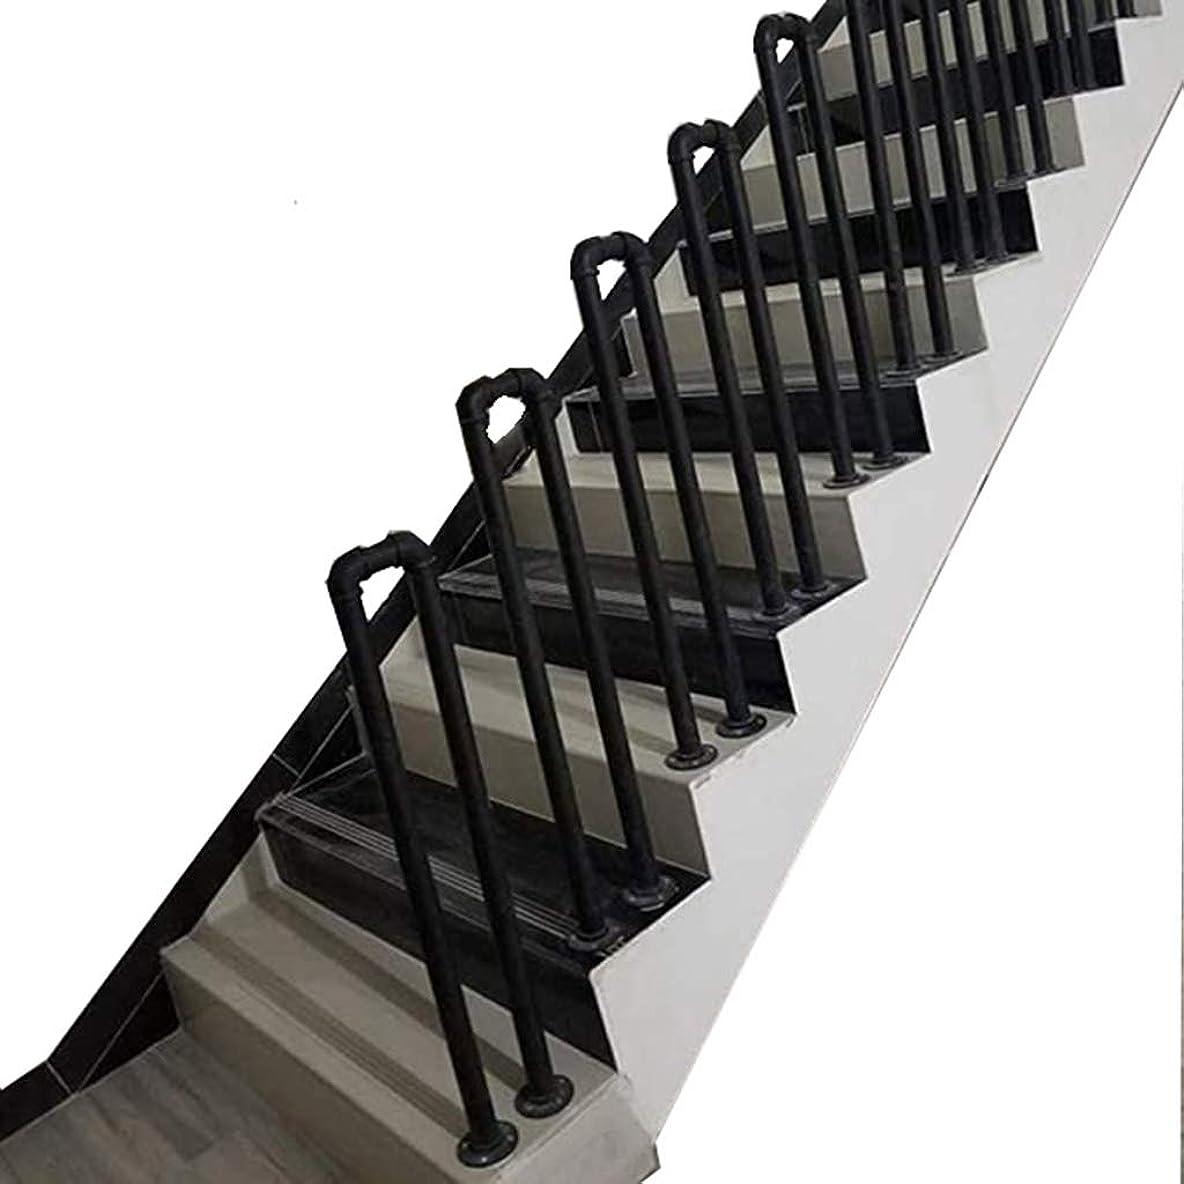 変換暖かさめ言葉産業用風力パイプ階段U字型手すり、マットブラック錬鉄製亜鉛メッキパイプ階段手すり、高齢者の子供用ロフト階段手すりサポートバー、ヴィラポーチガーデン用、オプションのサイズ